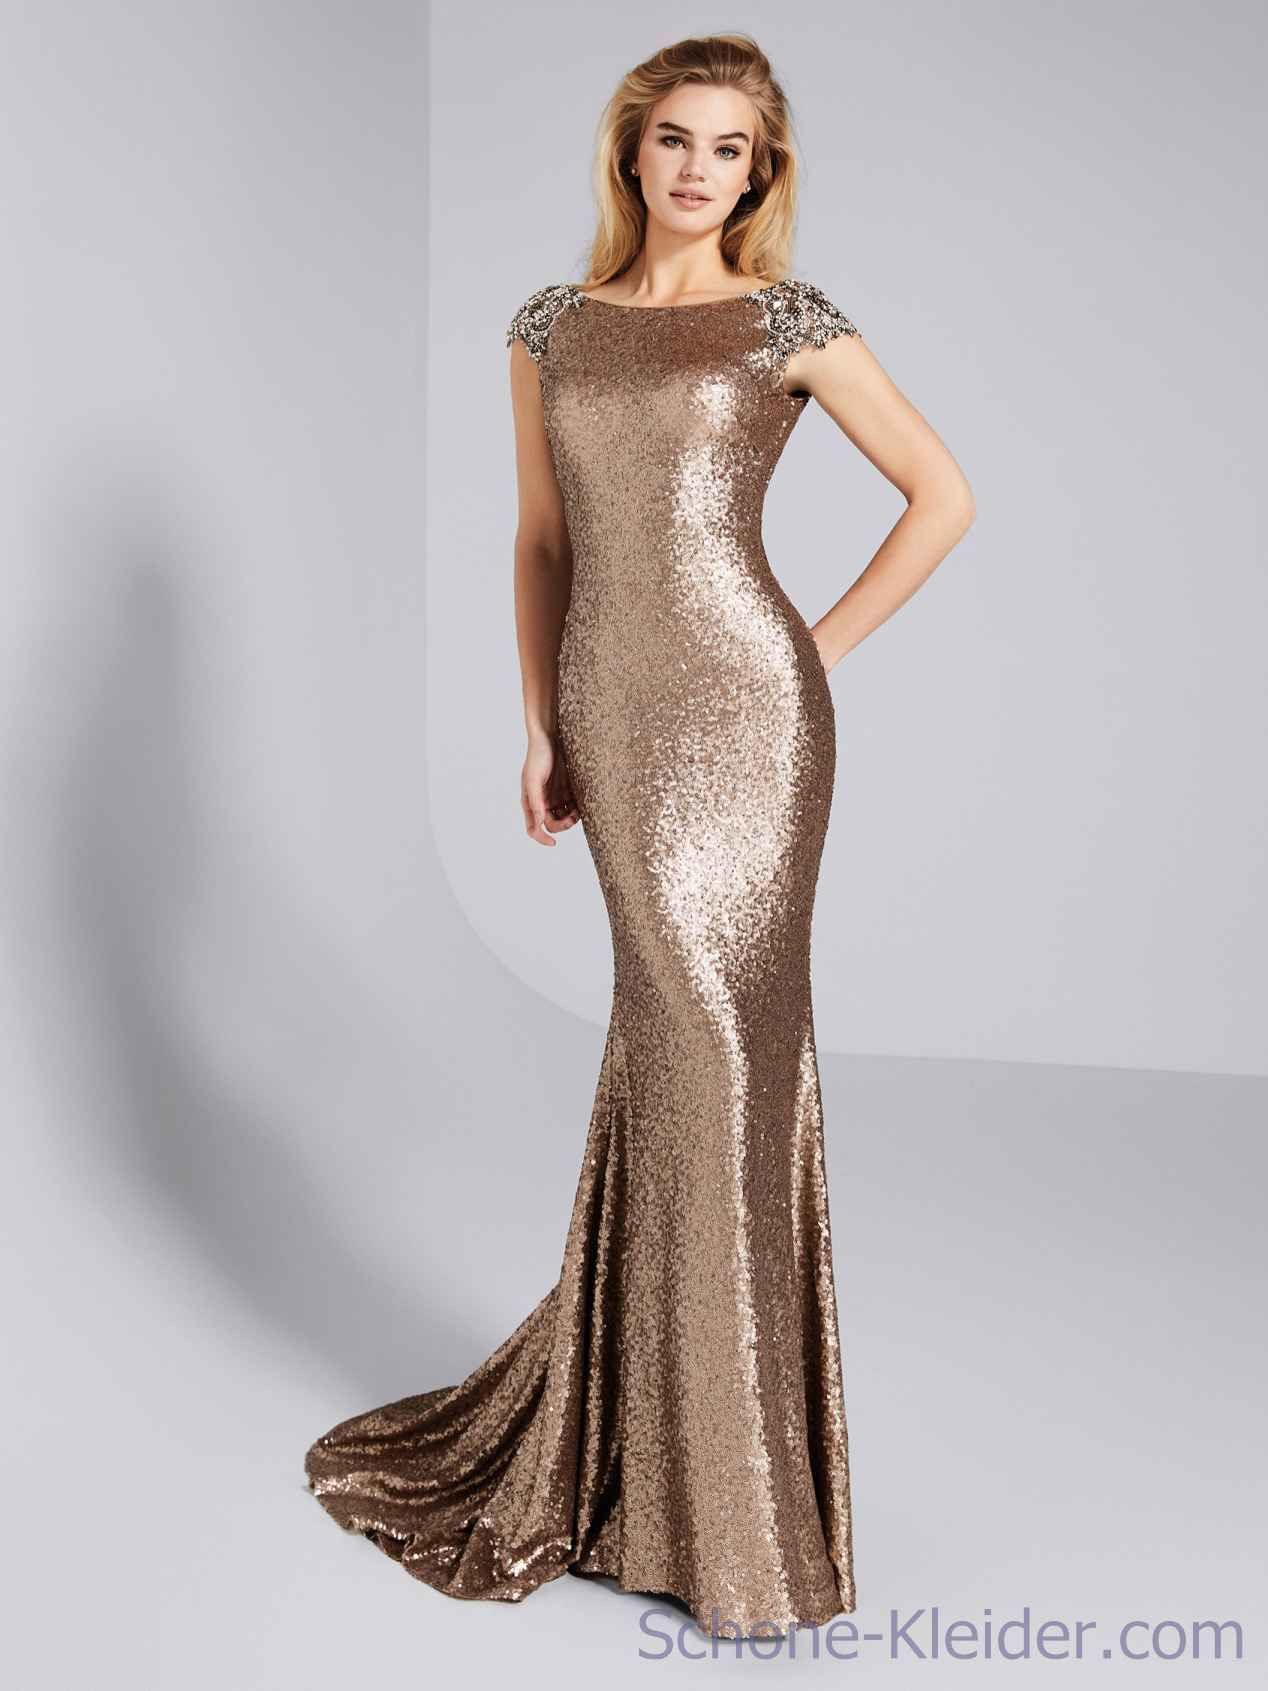 17 Erstaunlich Günstiger Abendkleider Online Kaufen für 201910 Genial Günstiger Abendkleider Online Kaufen Spezialgebiet